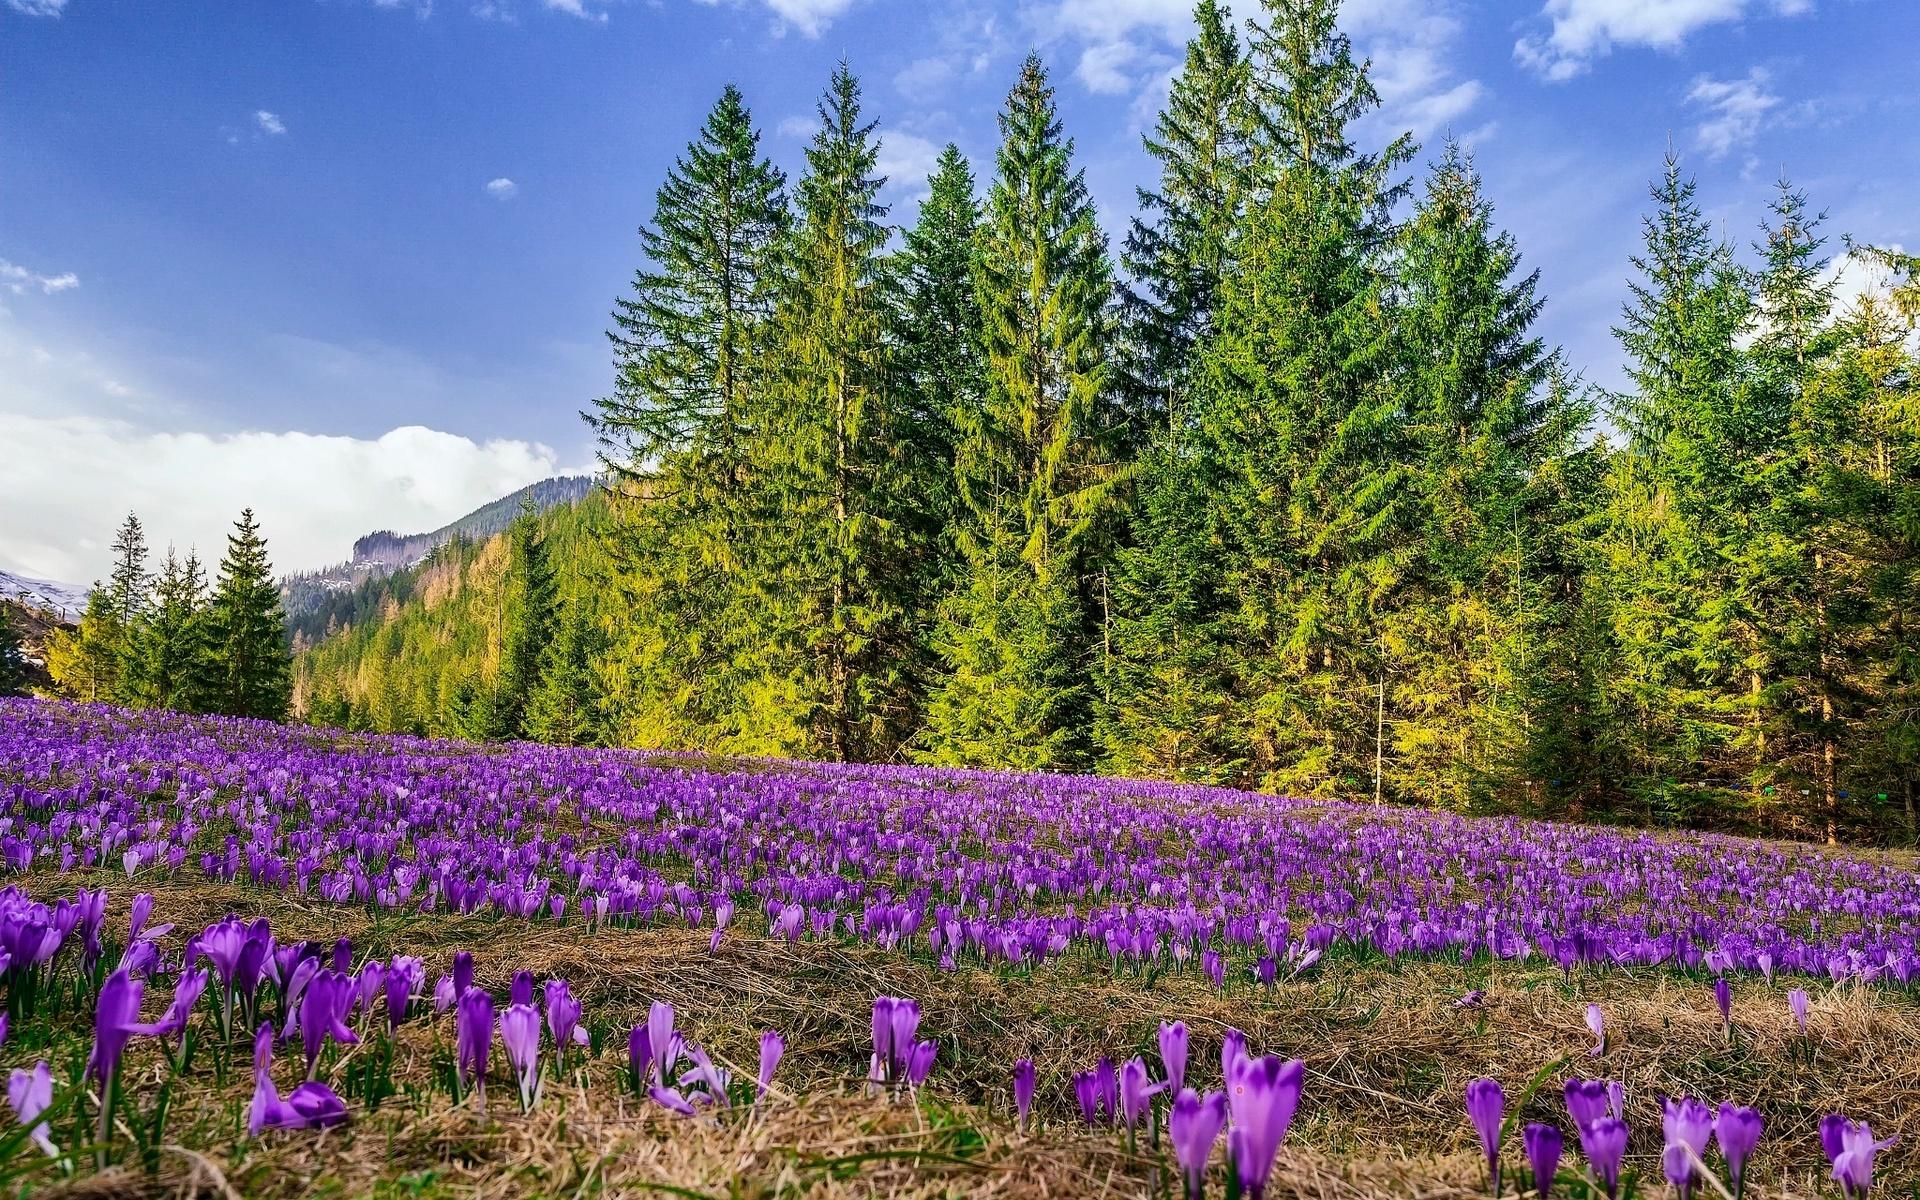 природа, пейзаж, весна, деревья, ели, поляна, цветы, крокусы